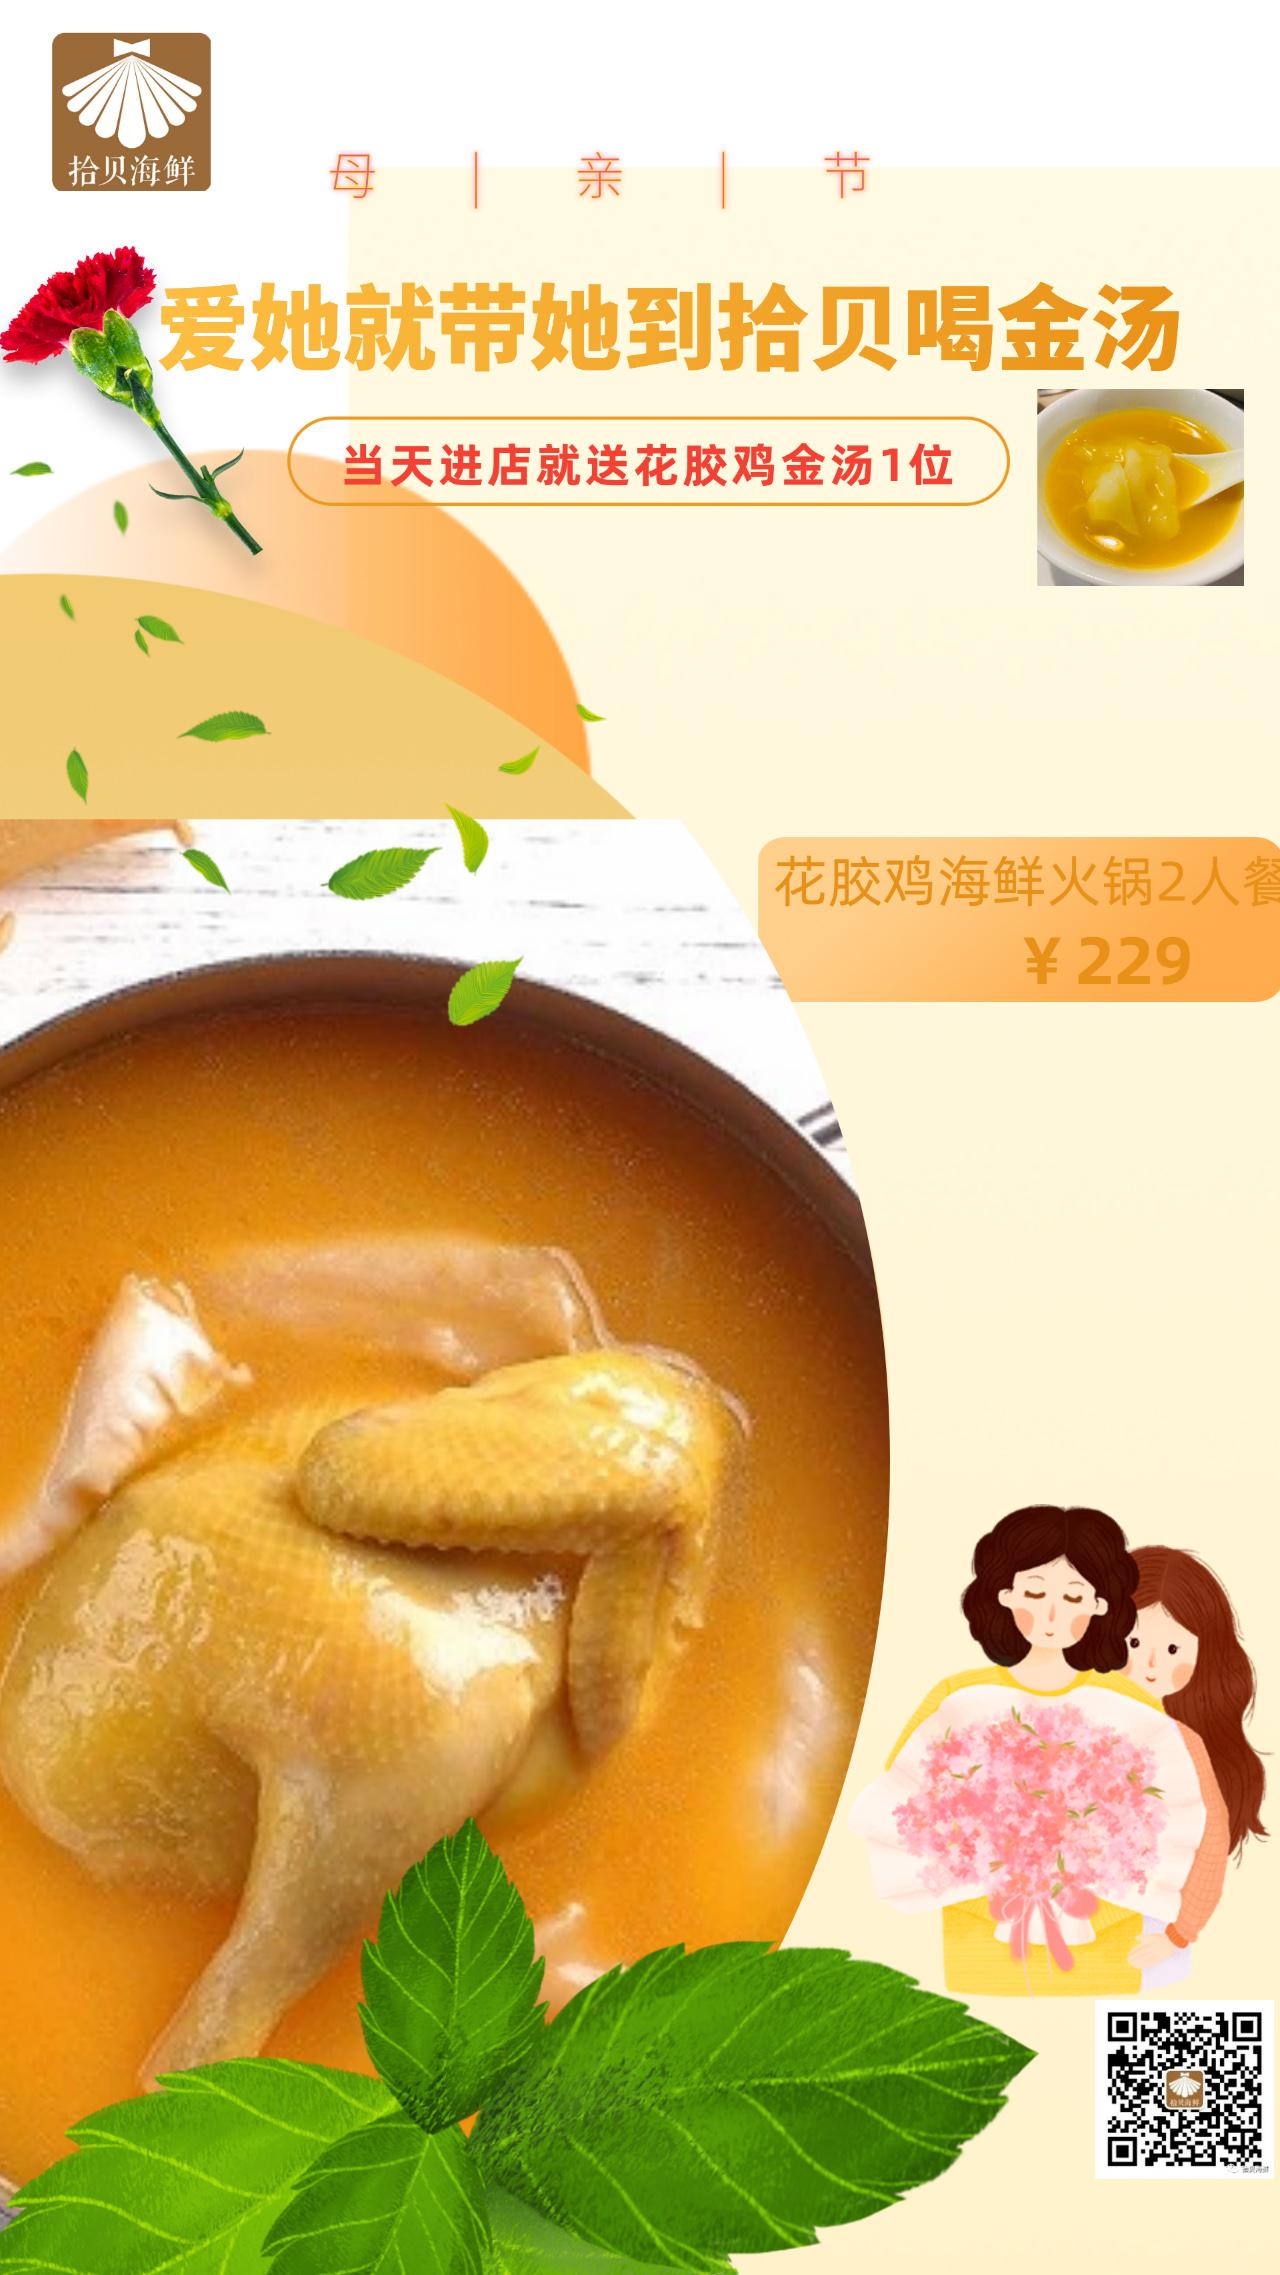 """母亲节,喂妈妈一口""""拾贝花胶鸡金汤"""",这份爱比汤还暖心。"""